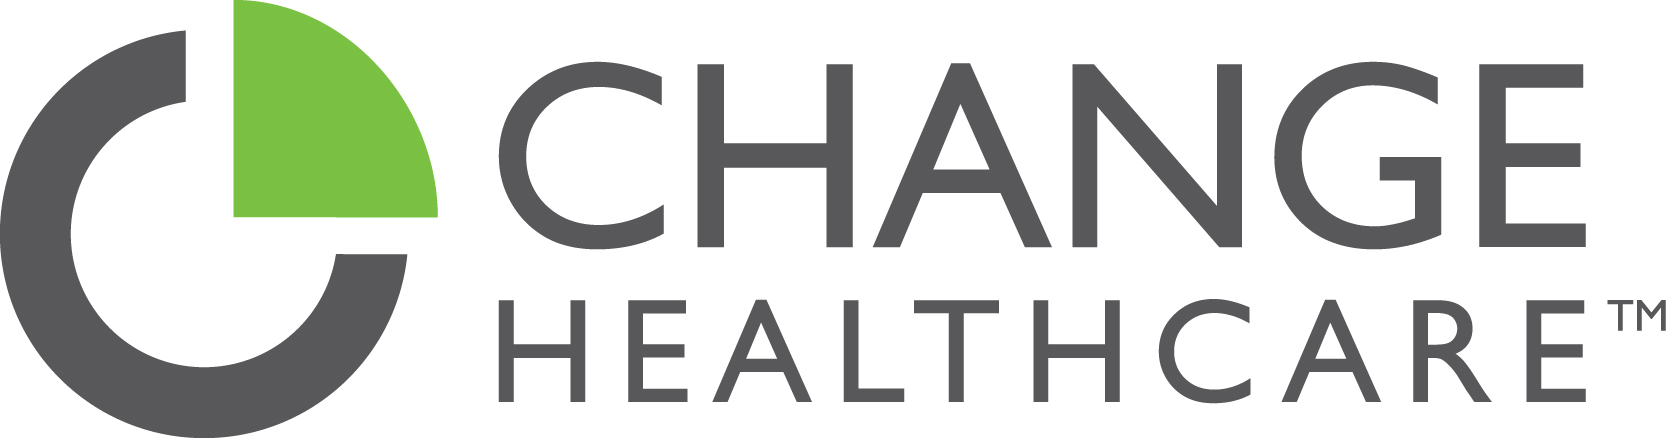 Change Healthcare Logo no Tag 2-c.jpg